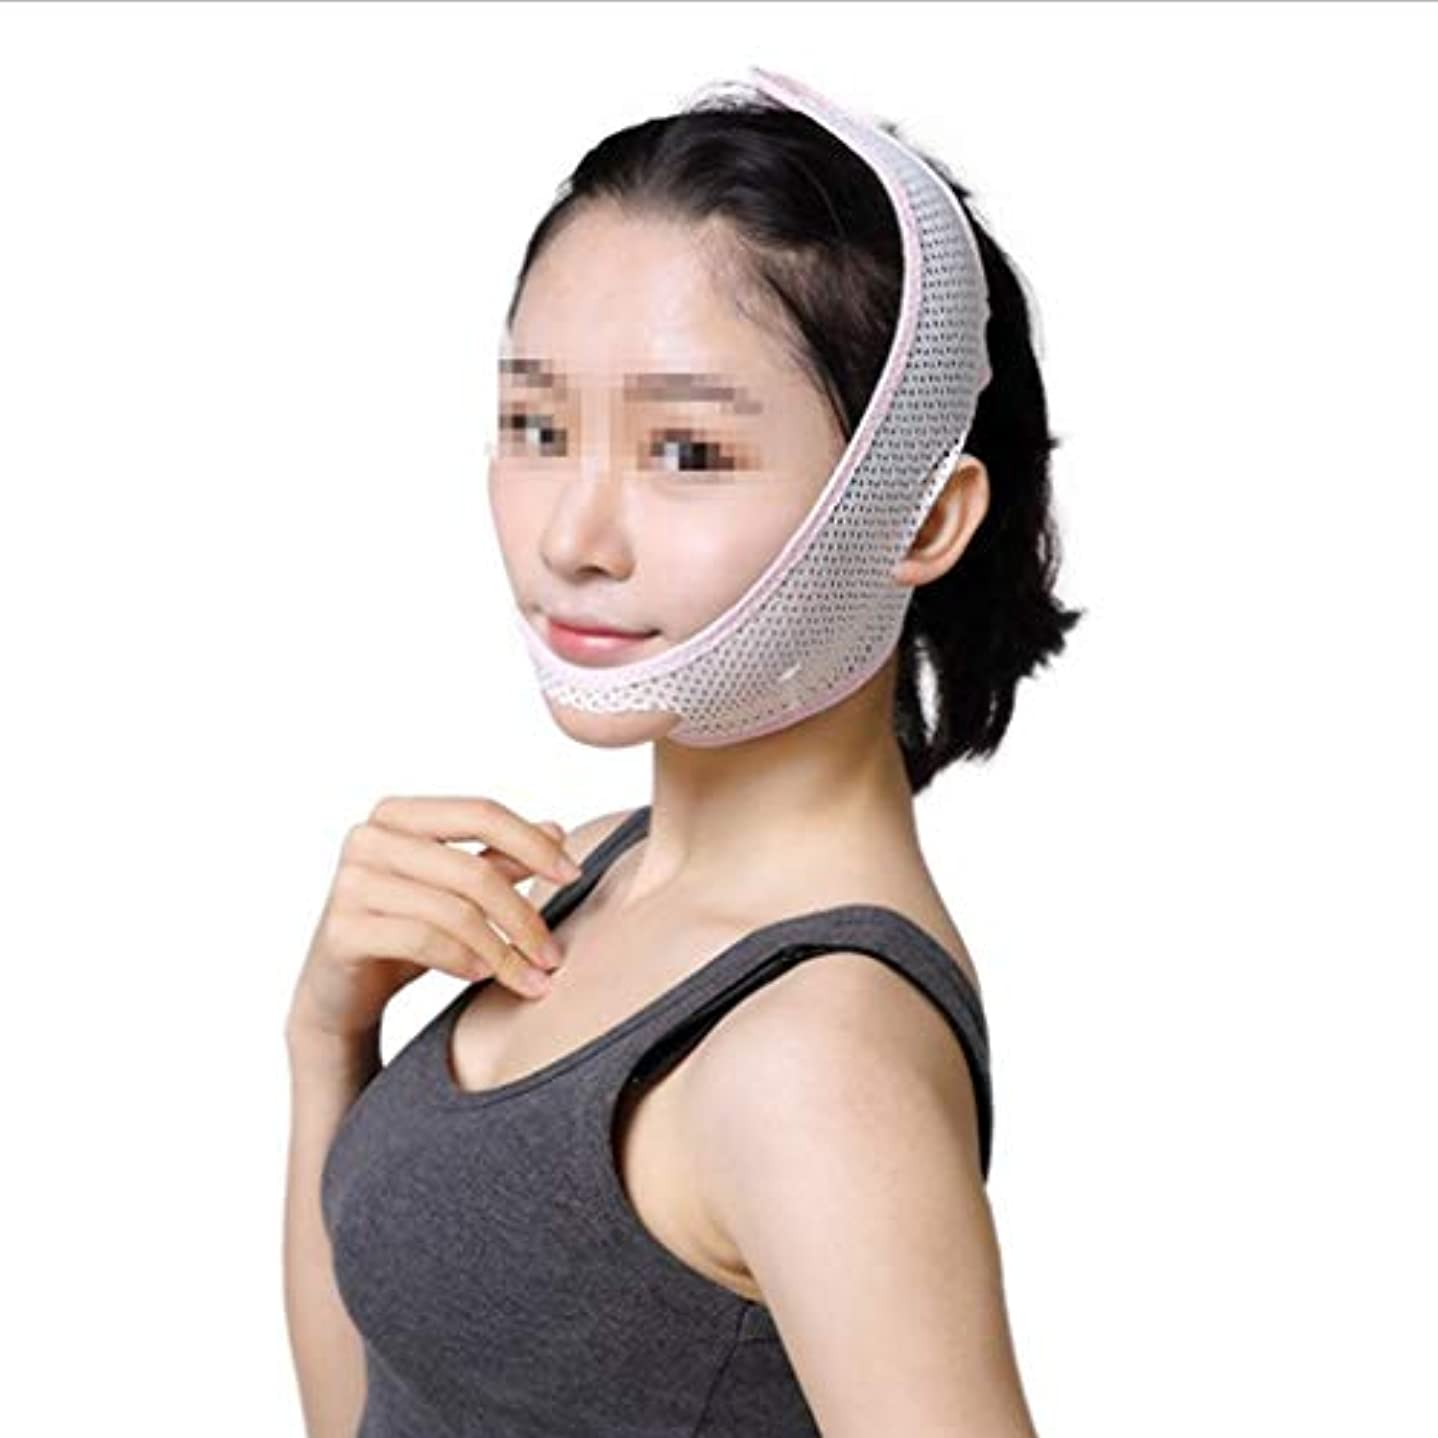 人起業家フリルXHLMRMJ 超薄型通気性フェイスマスク、包帯Vフェイスマスクフェイスリフティングファーミングダブルチンシンフェイスベルト (Size : M)